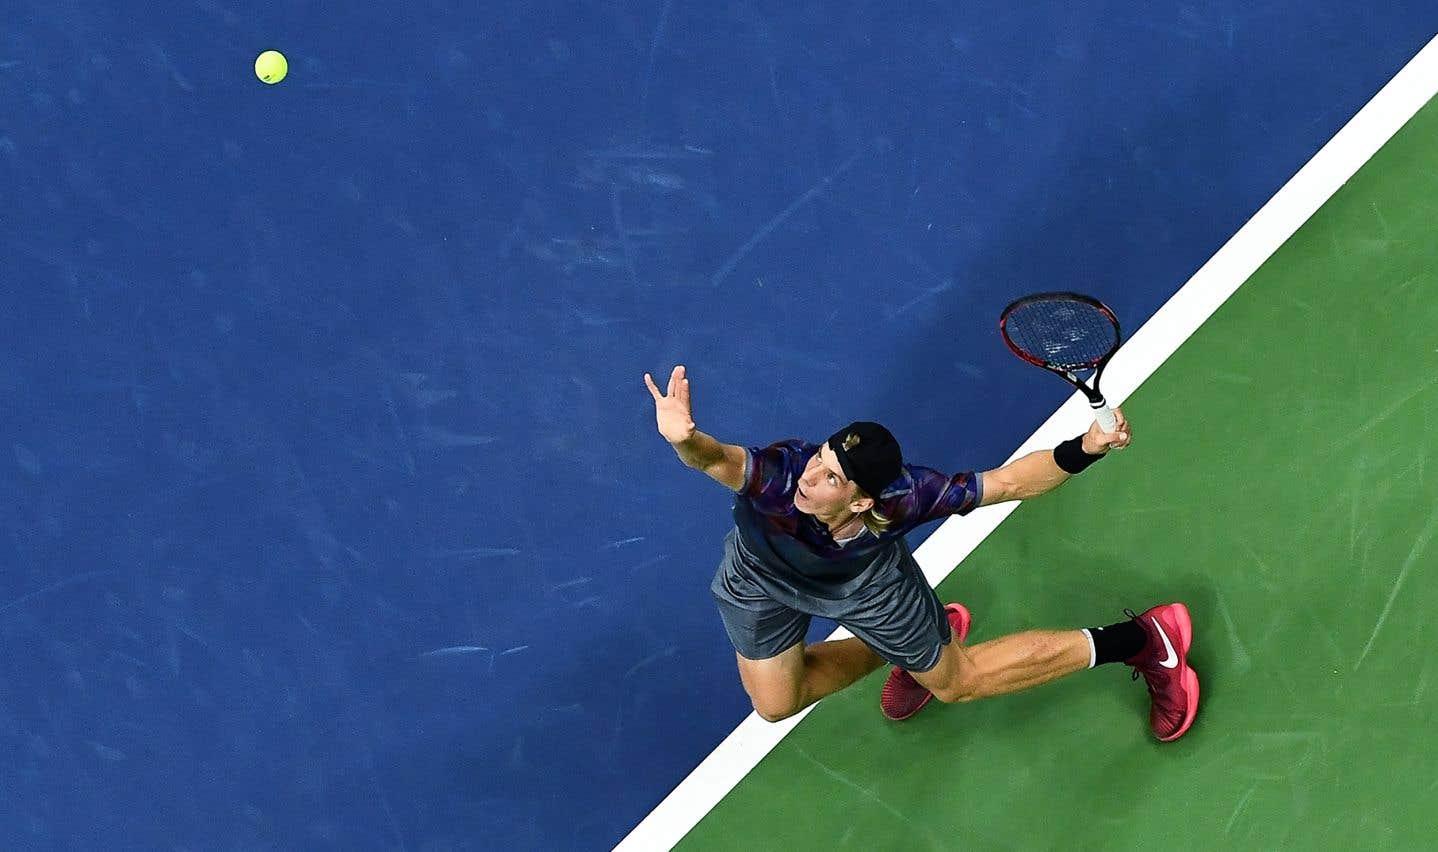 Alors que Denis Shapovalov avait commnencé l'année 2017 en faisant disqualifier le Canada de la Coupe Davis, le joueur s'est rattrapé en passant de la 250e position du classement mondial à la 51e.